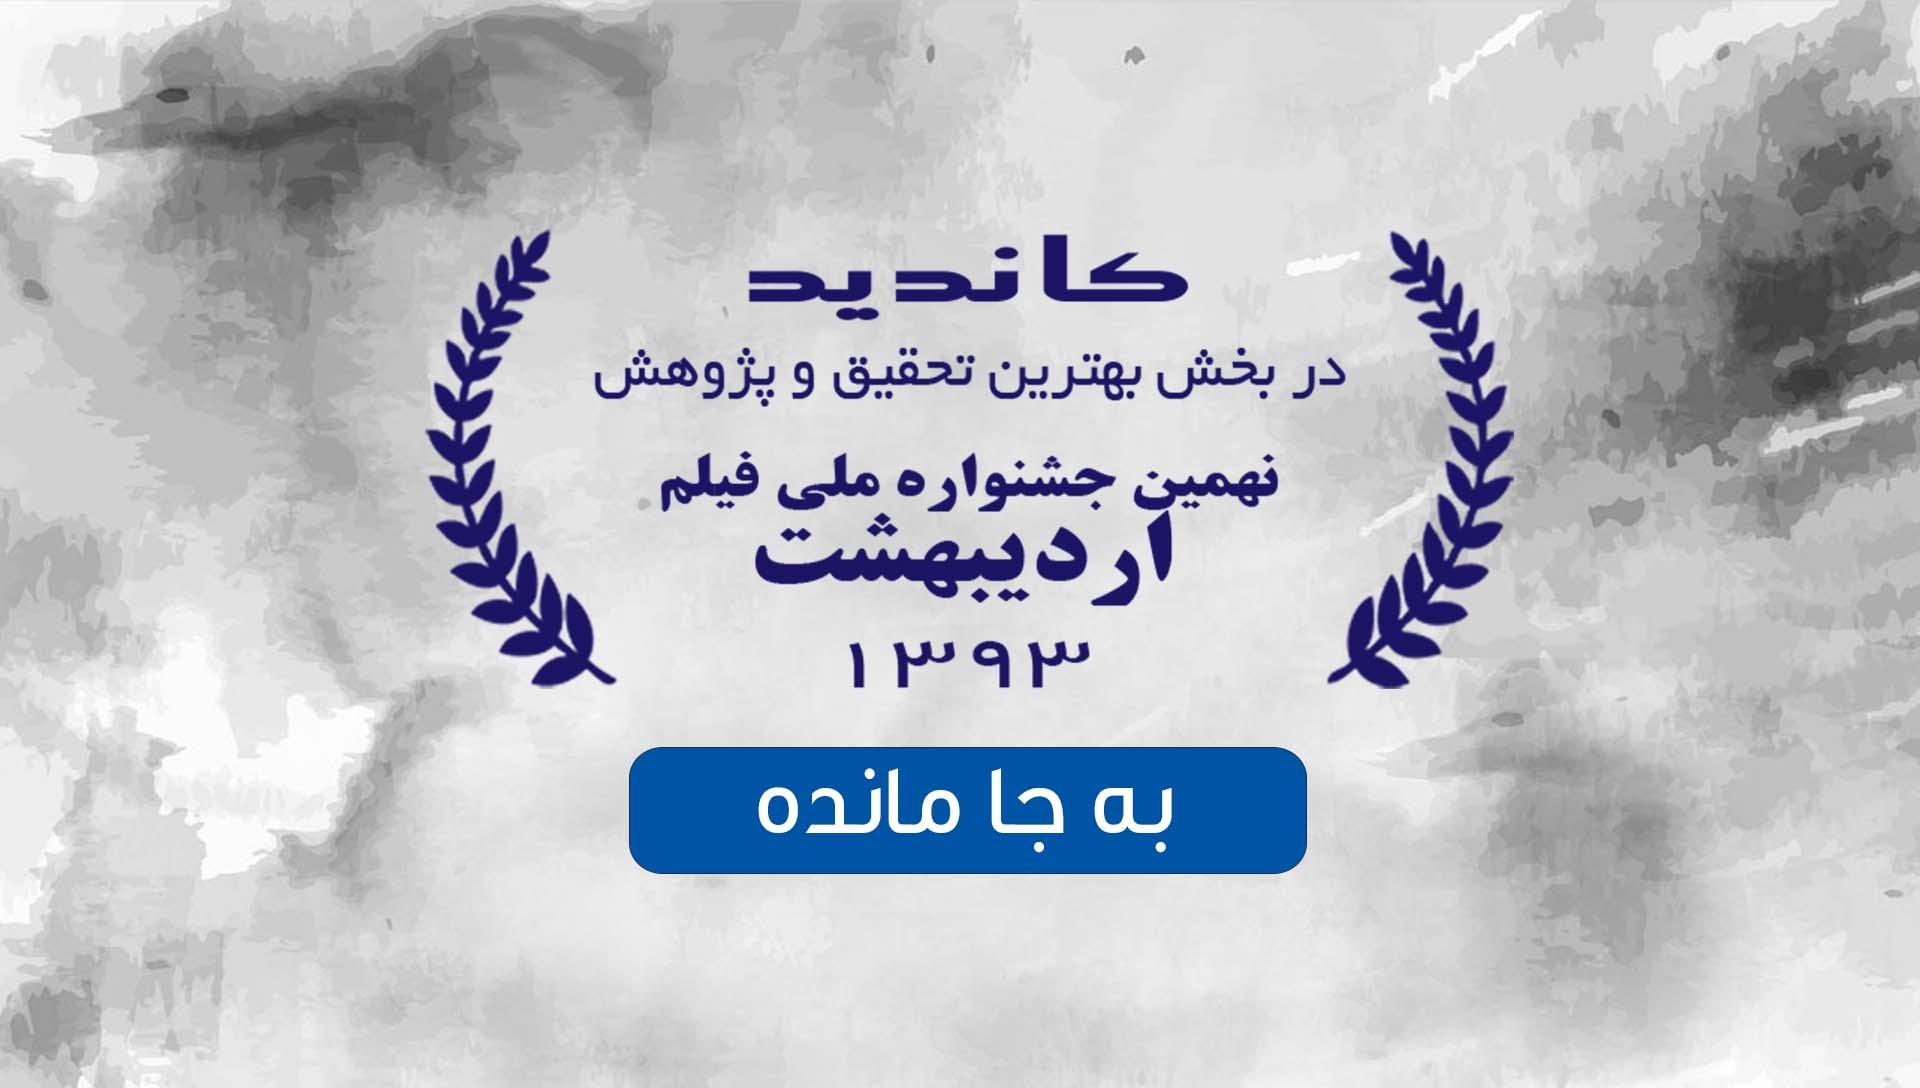 جشنواره اردیبهشت به جا مانده- گروه فیلم سازی زوم شیراز - برادران شریفی